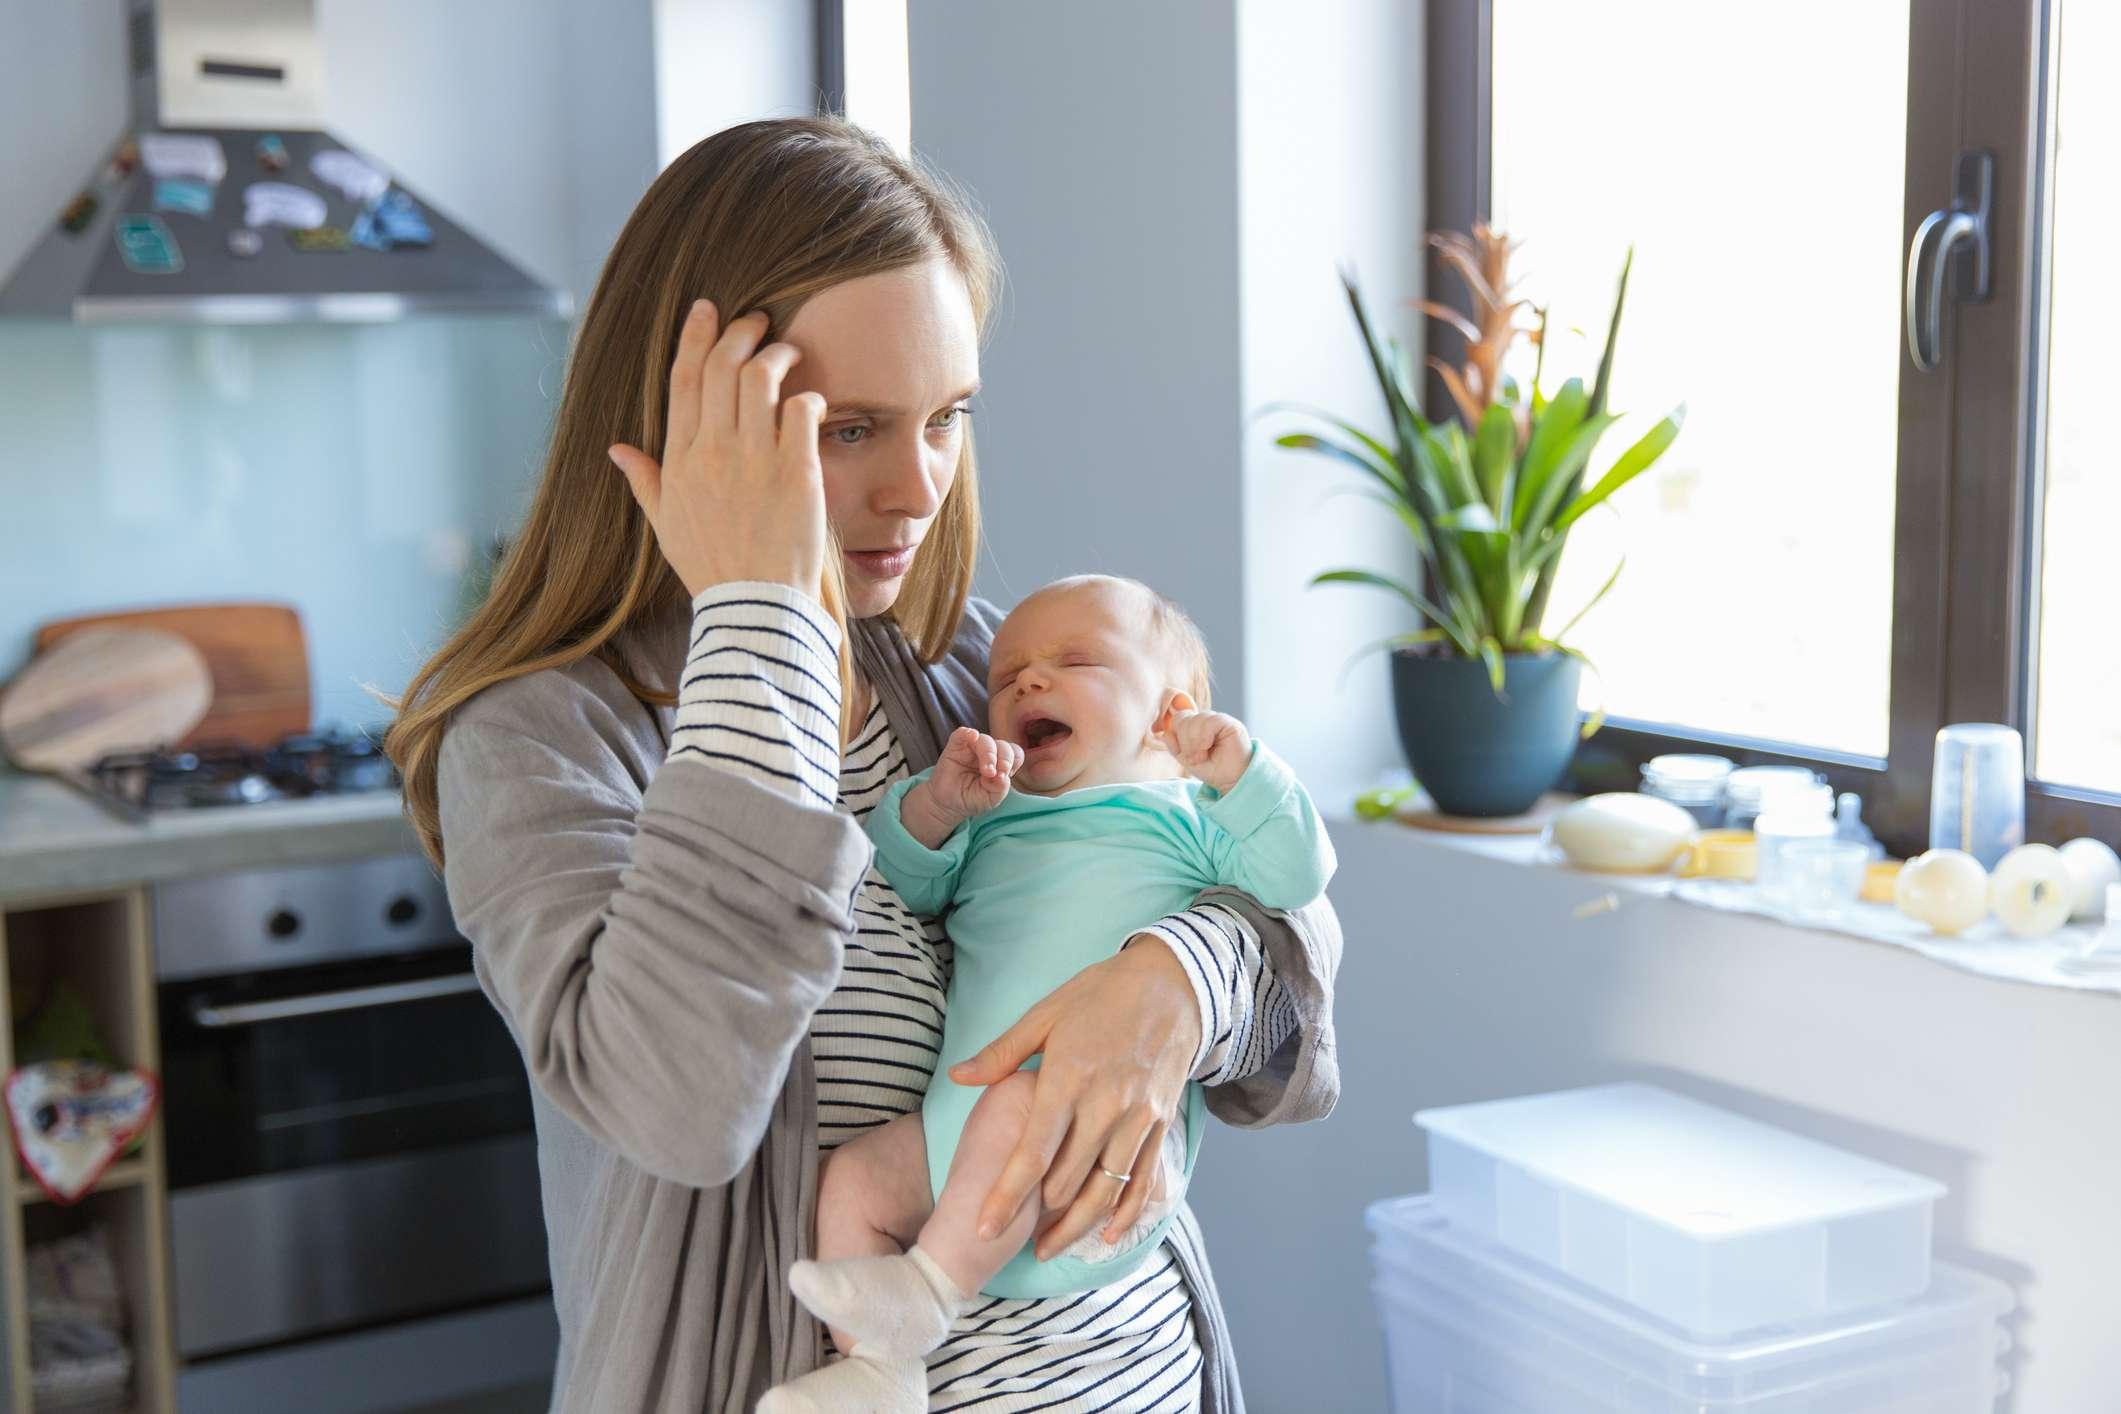 Käsittelemätön synnytyspettymys tai -trauma voi vaikuttaa muun muassa naisen kuvaan itsestään äitinä sekä äidin ja vauvan väliseen suhteeseen. Kuva: iStock